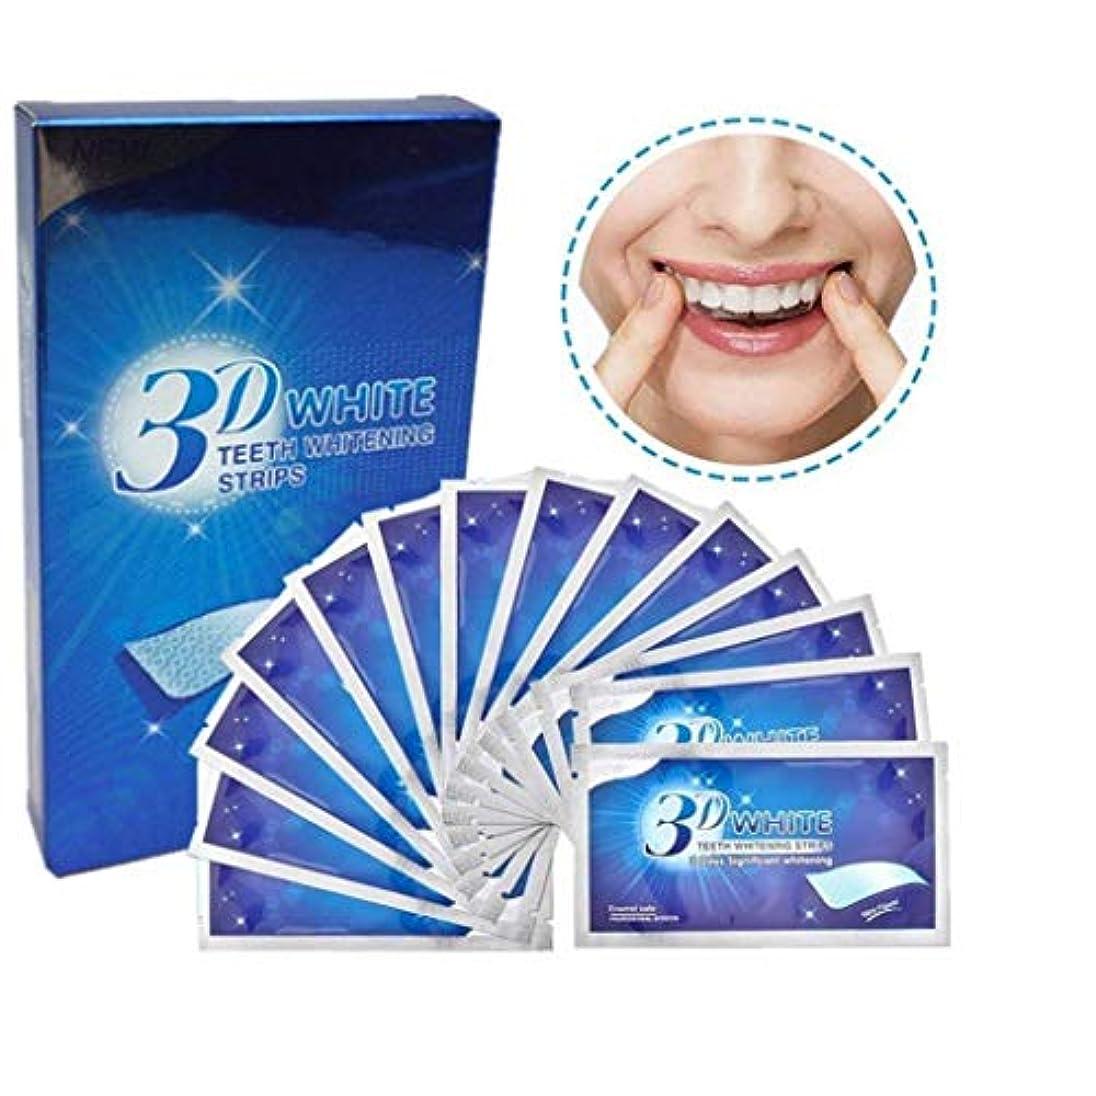 略語セッティング炭素WENER 歯を白くするストリップ、プロフェッショナルな歯を漂白するゲルストリップ有効な歯科用ケアキット歯垢を除去しますー14パック28枚 ドライ ホワイトニング